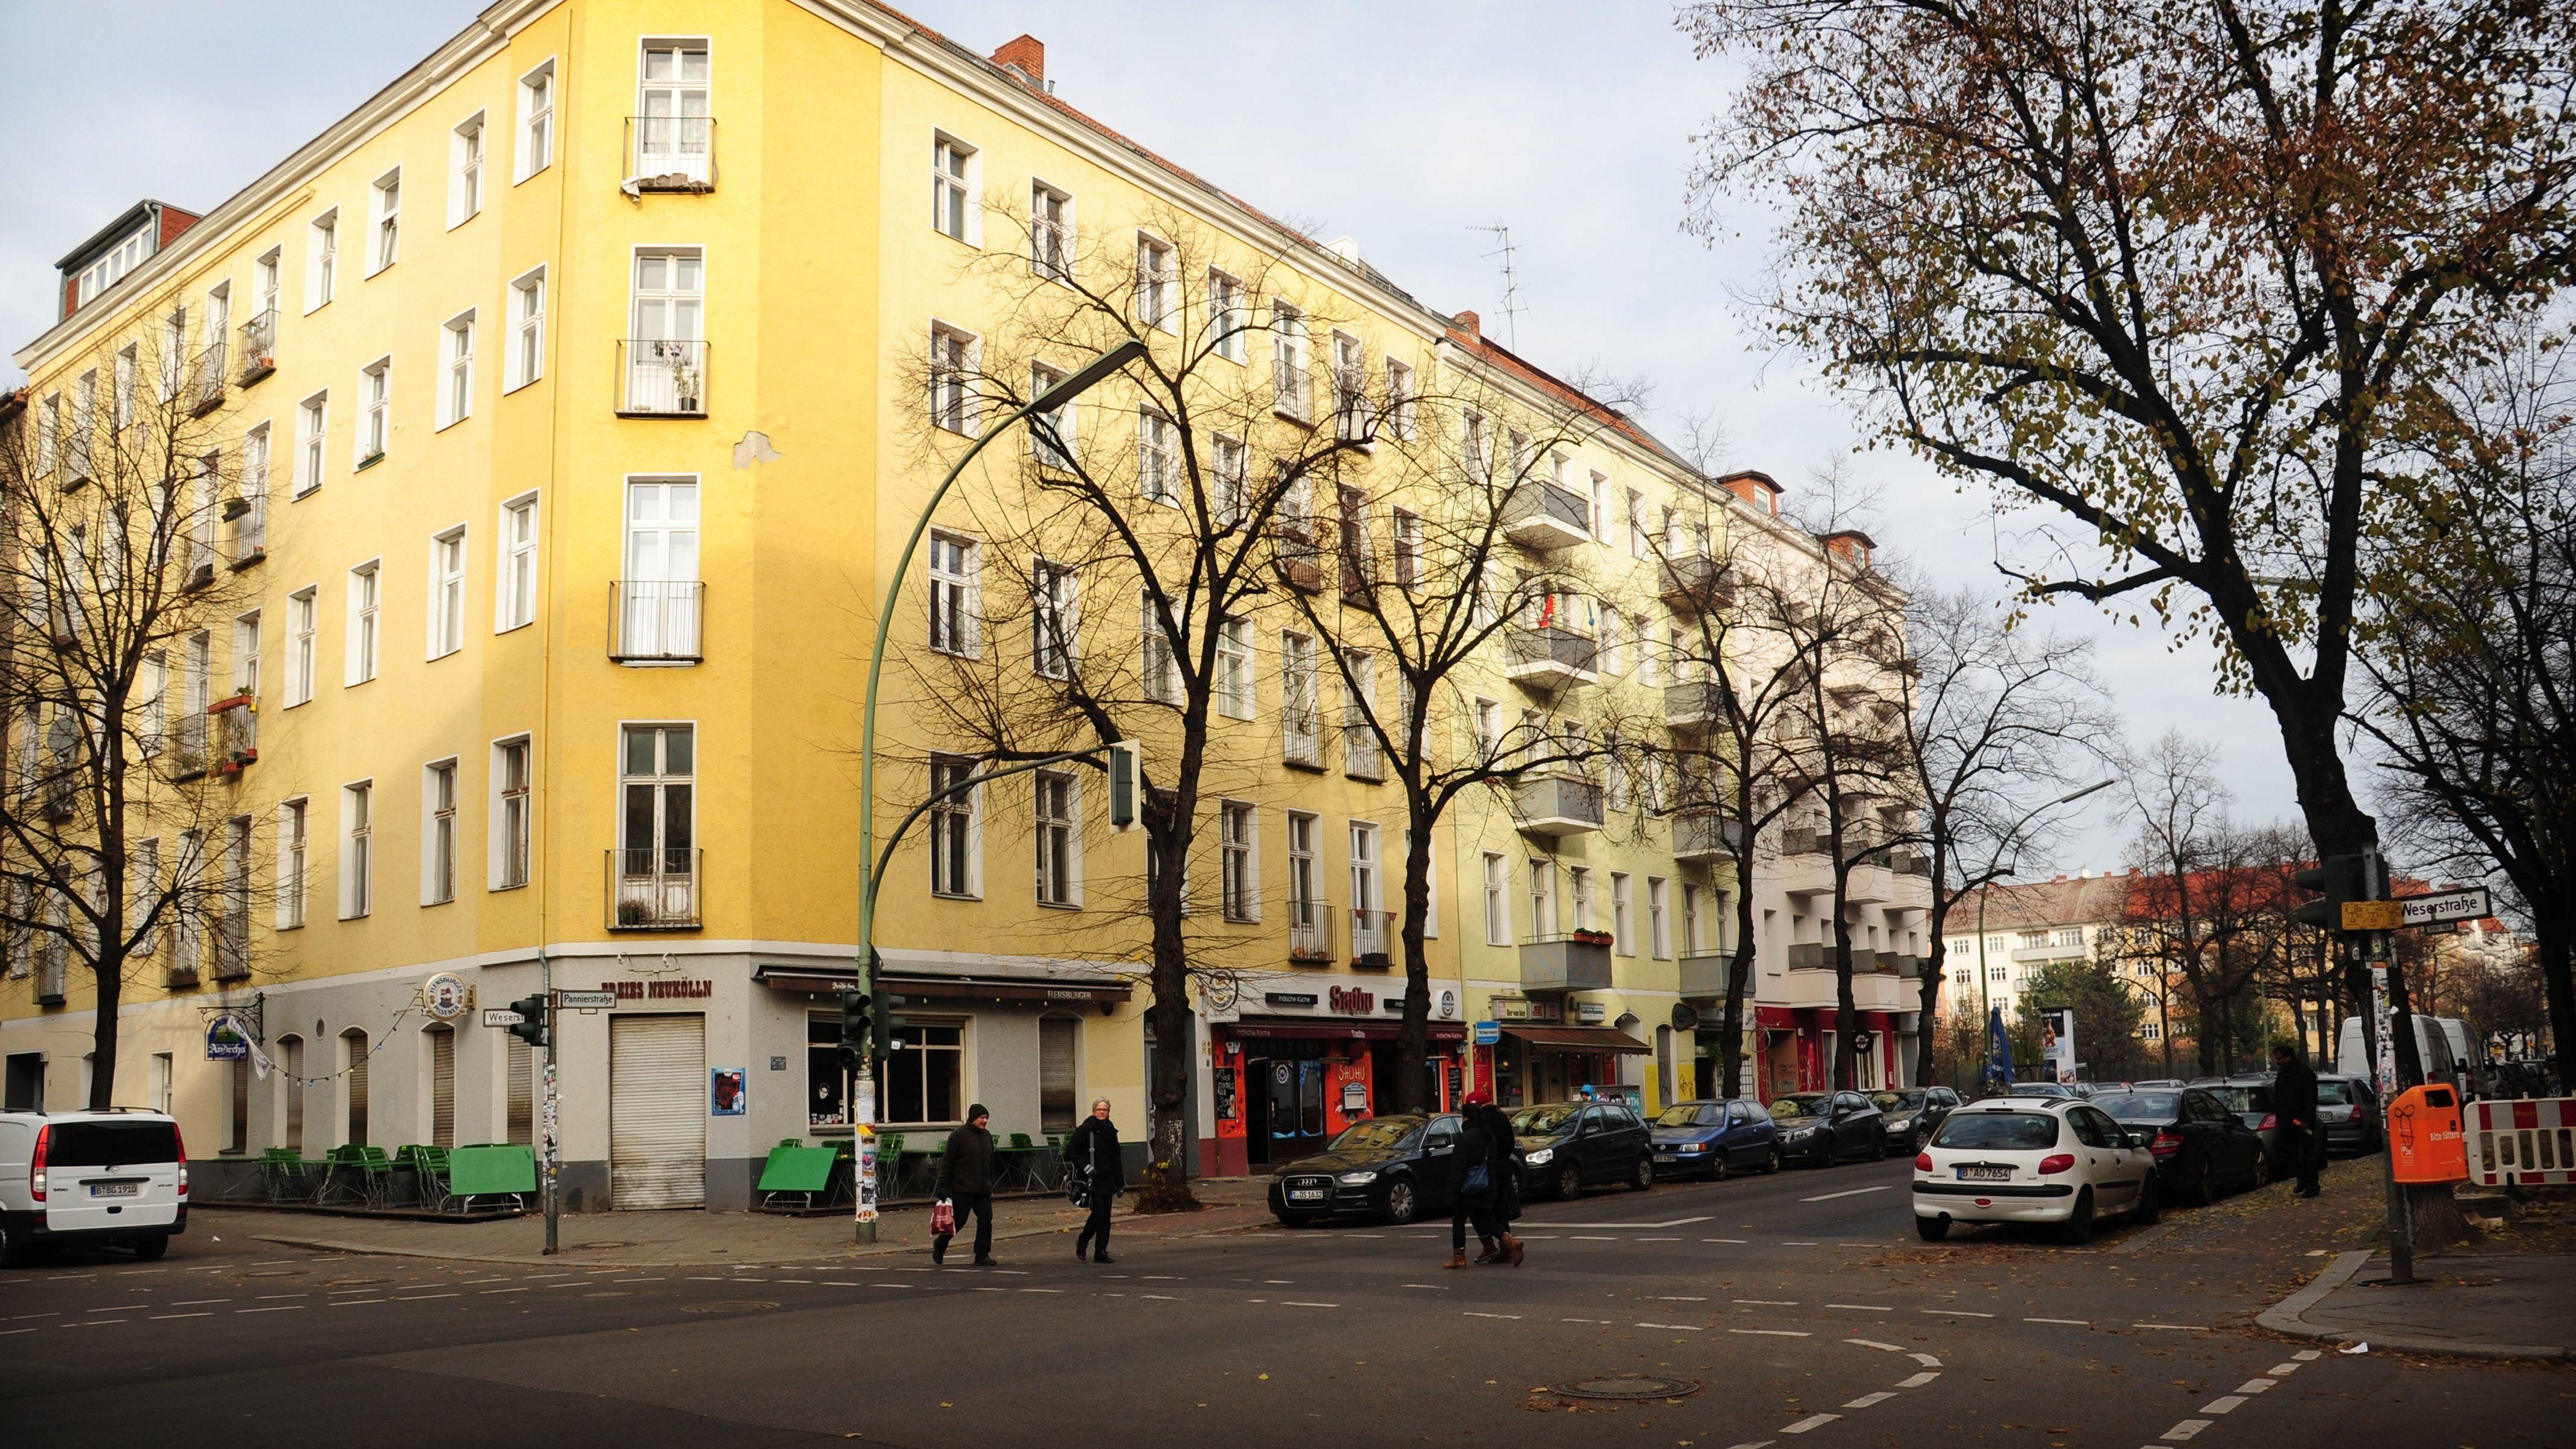 Der Bezirk Neukölln verändert sich, weil mehr Neu-Berliner in den Kiez ziehen oder der vorhandene Wohnraum als Ferienwohnung genutzt wird.